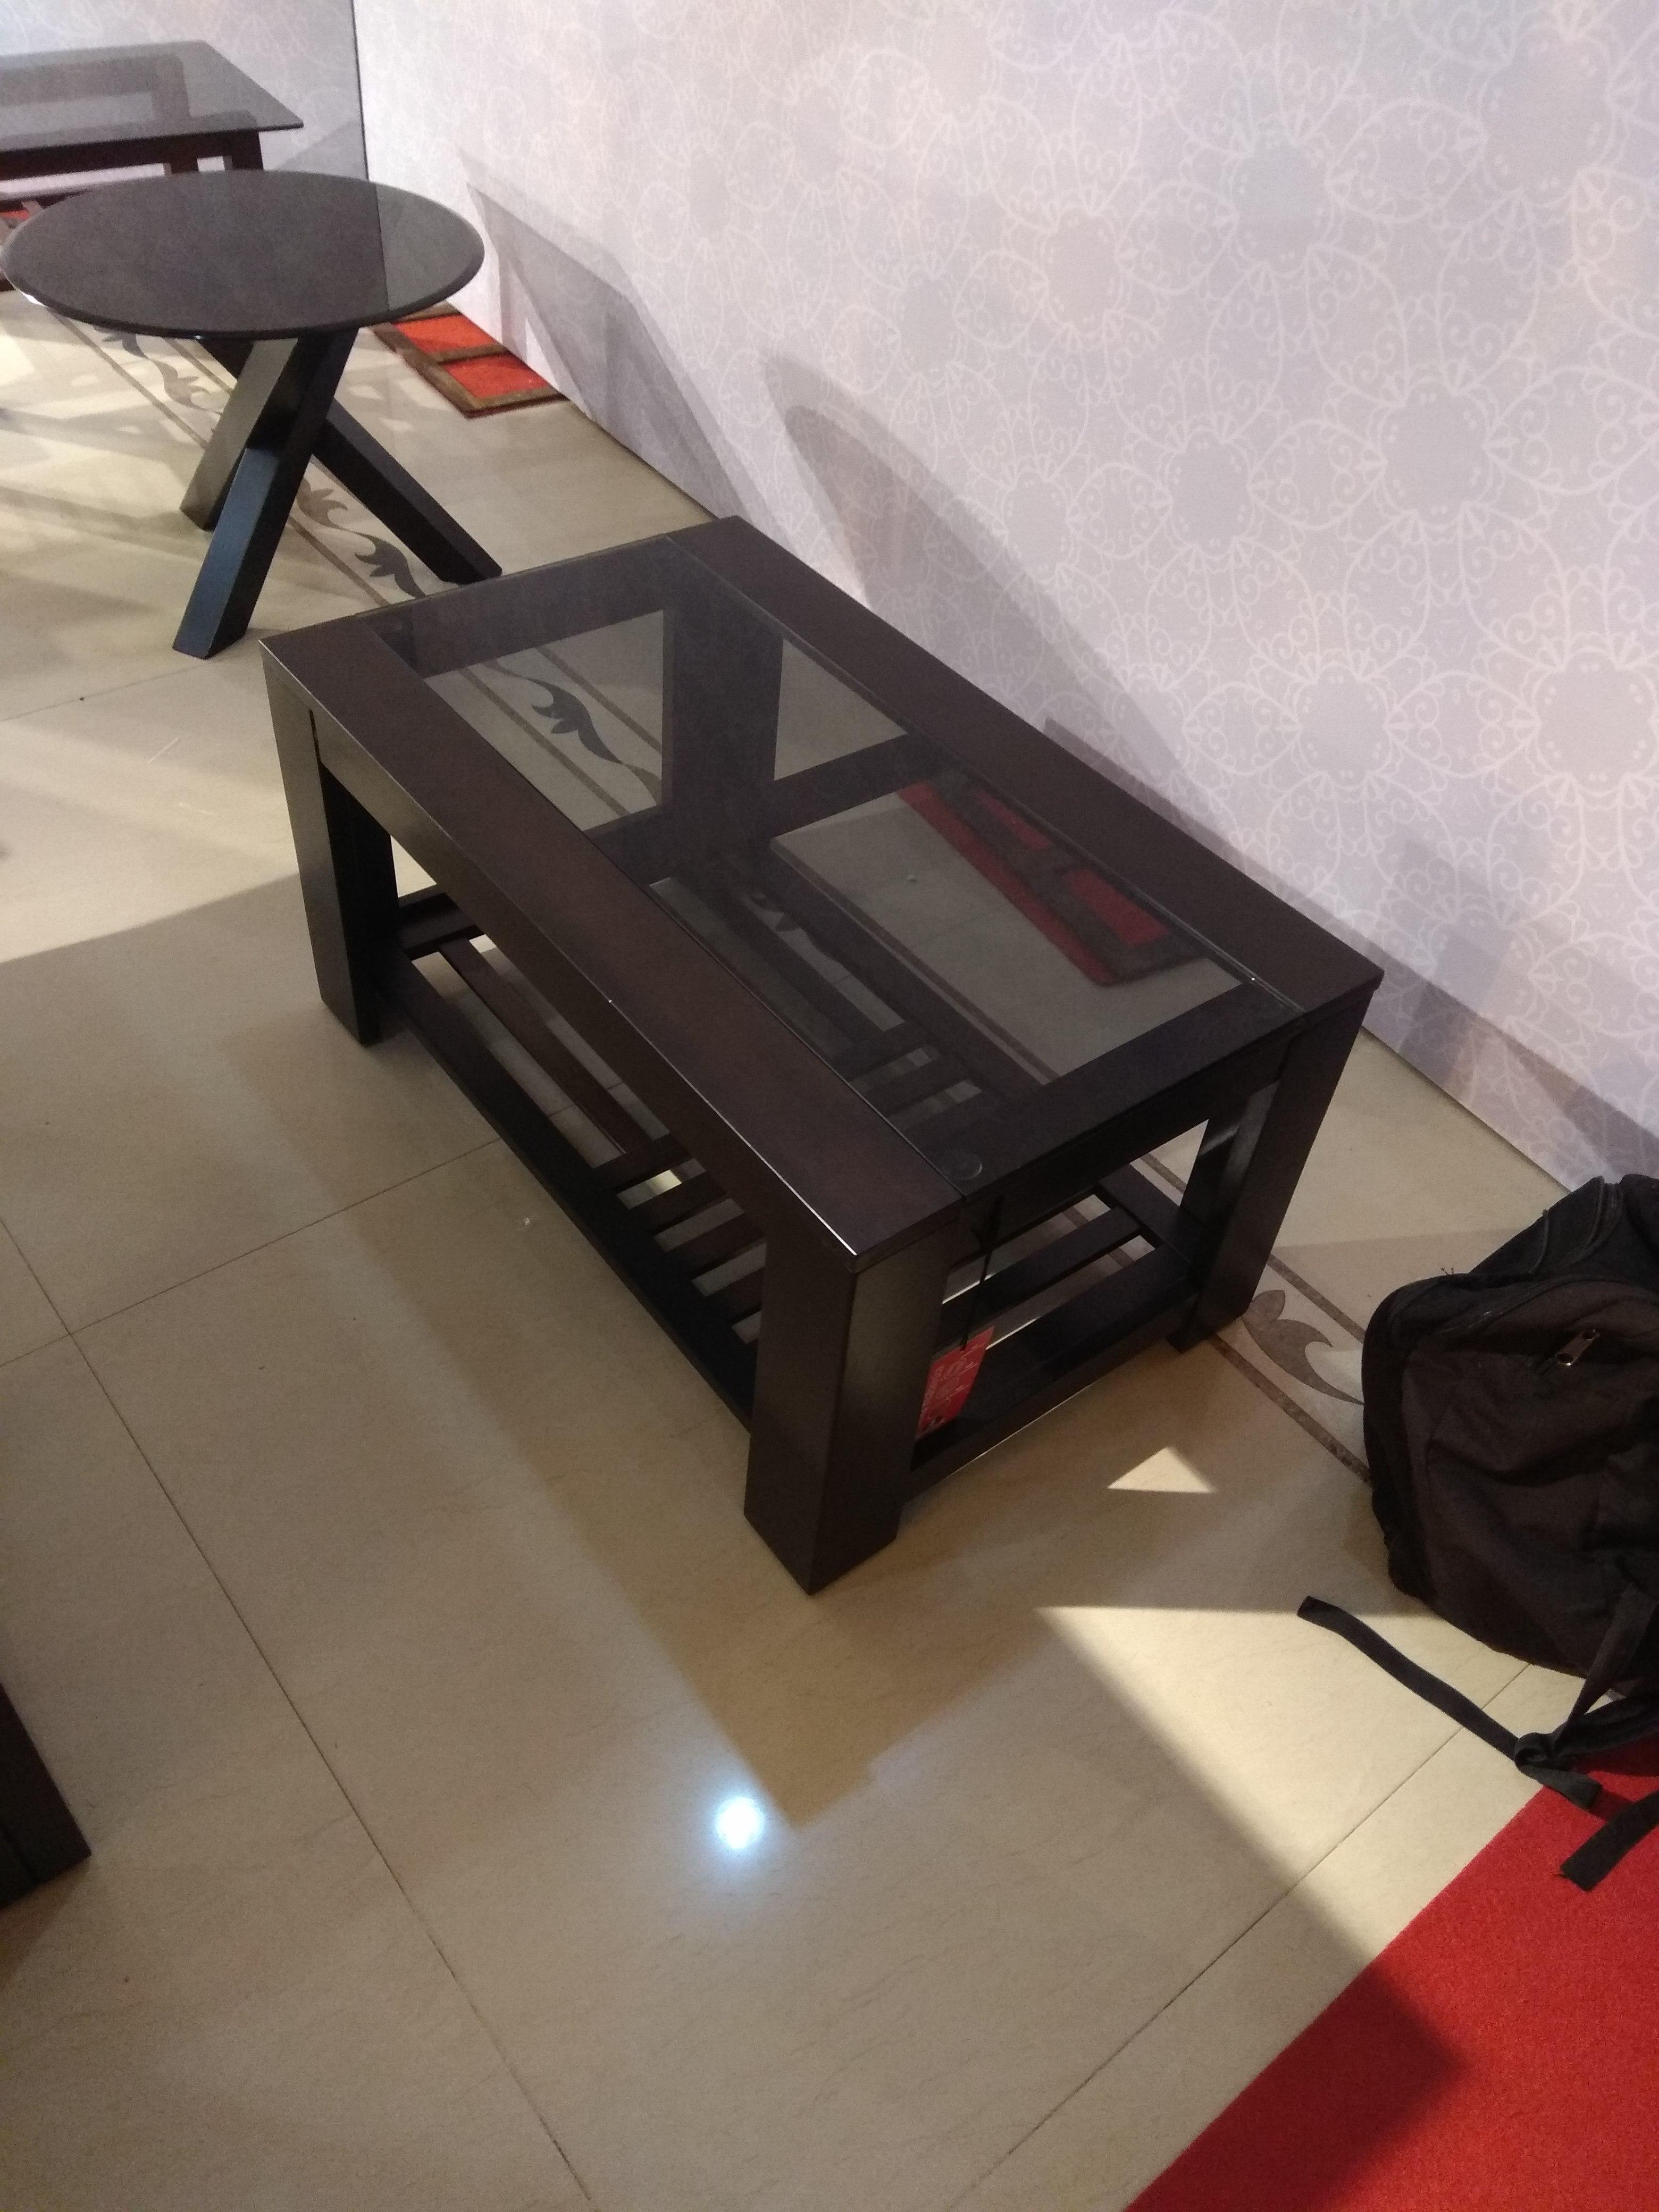 Inter decors Furniture & Interior